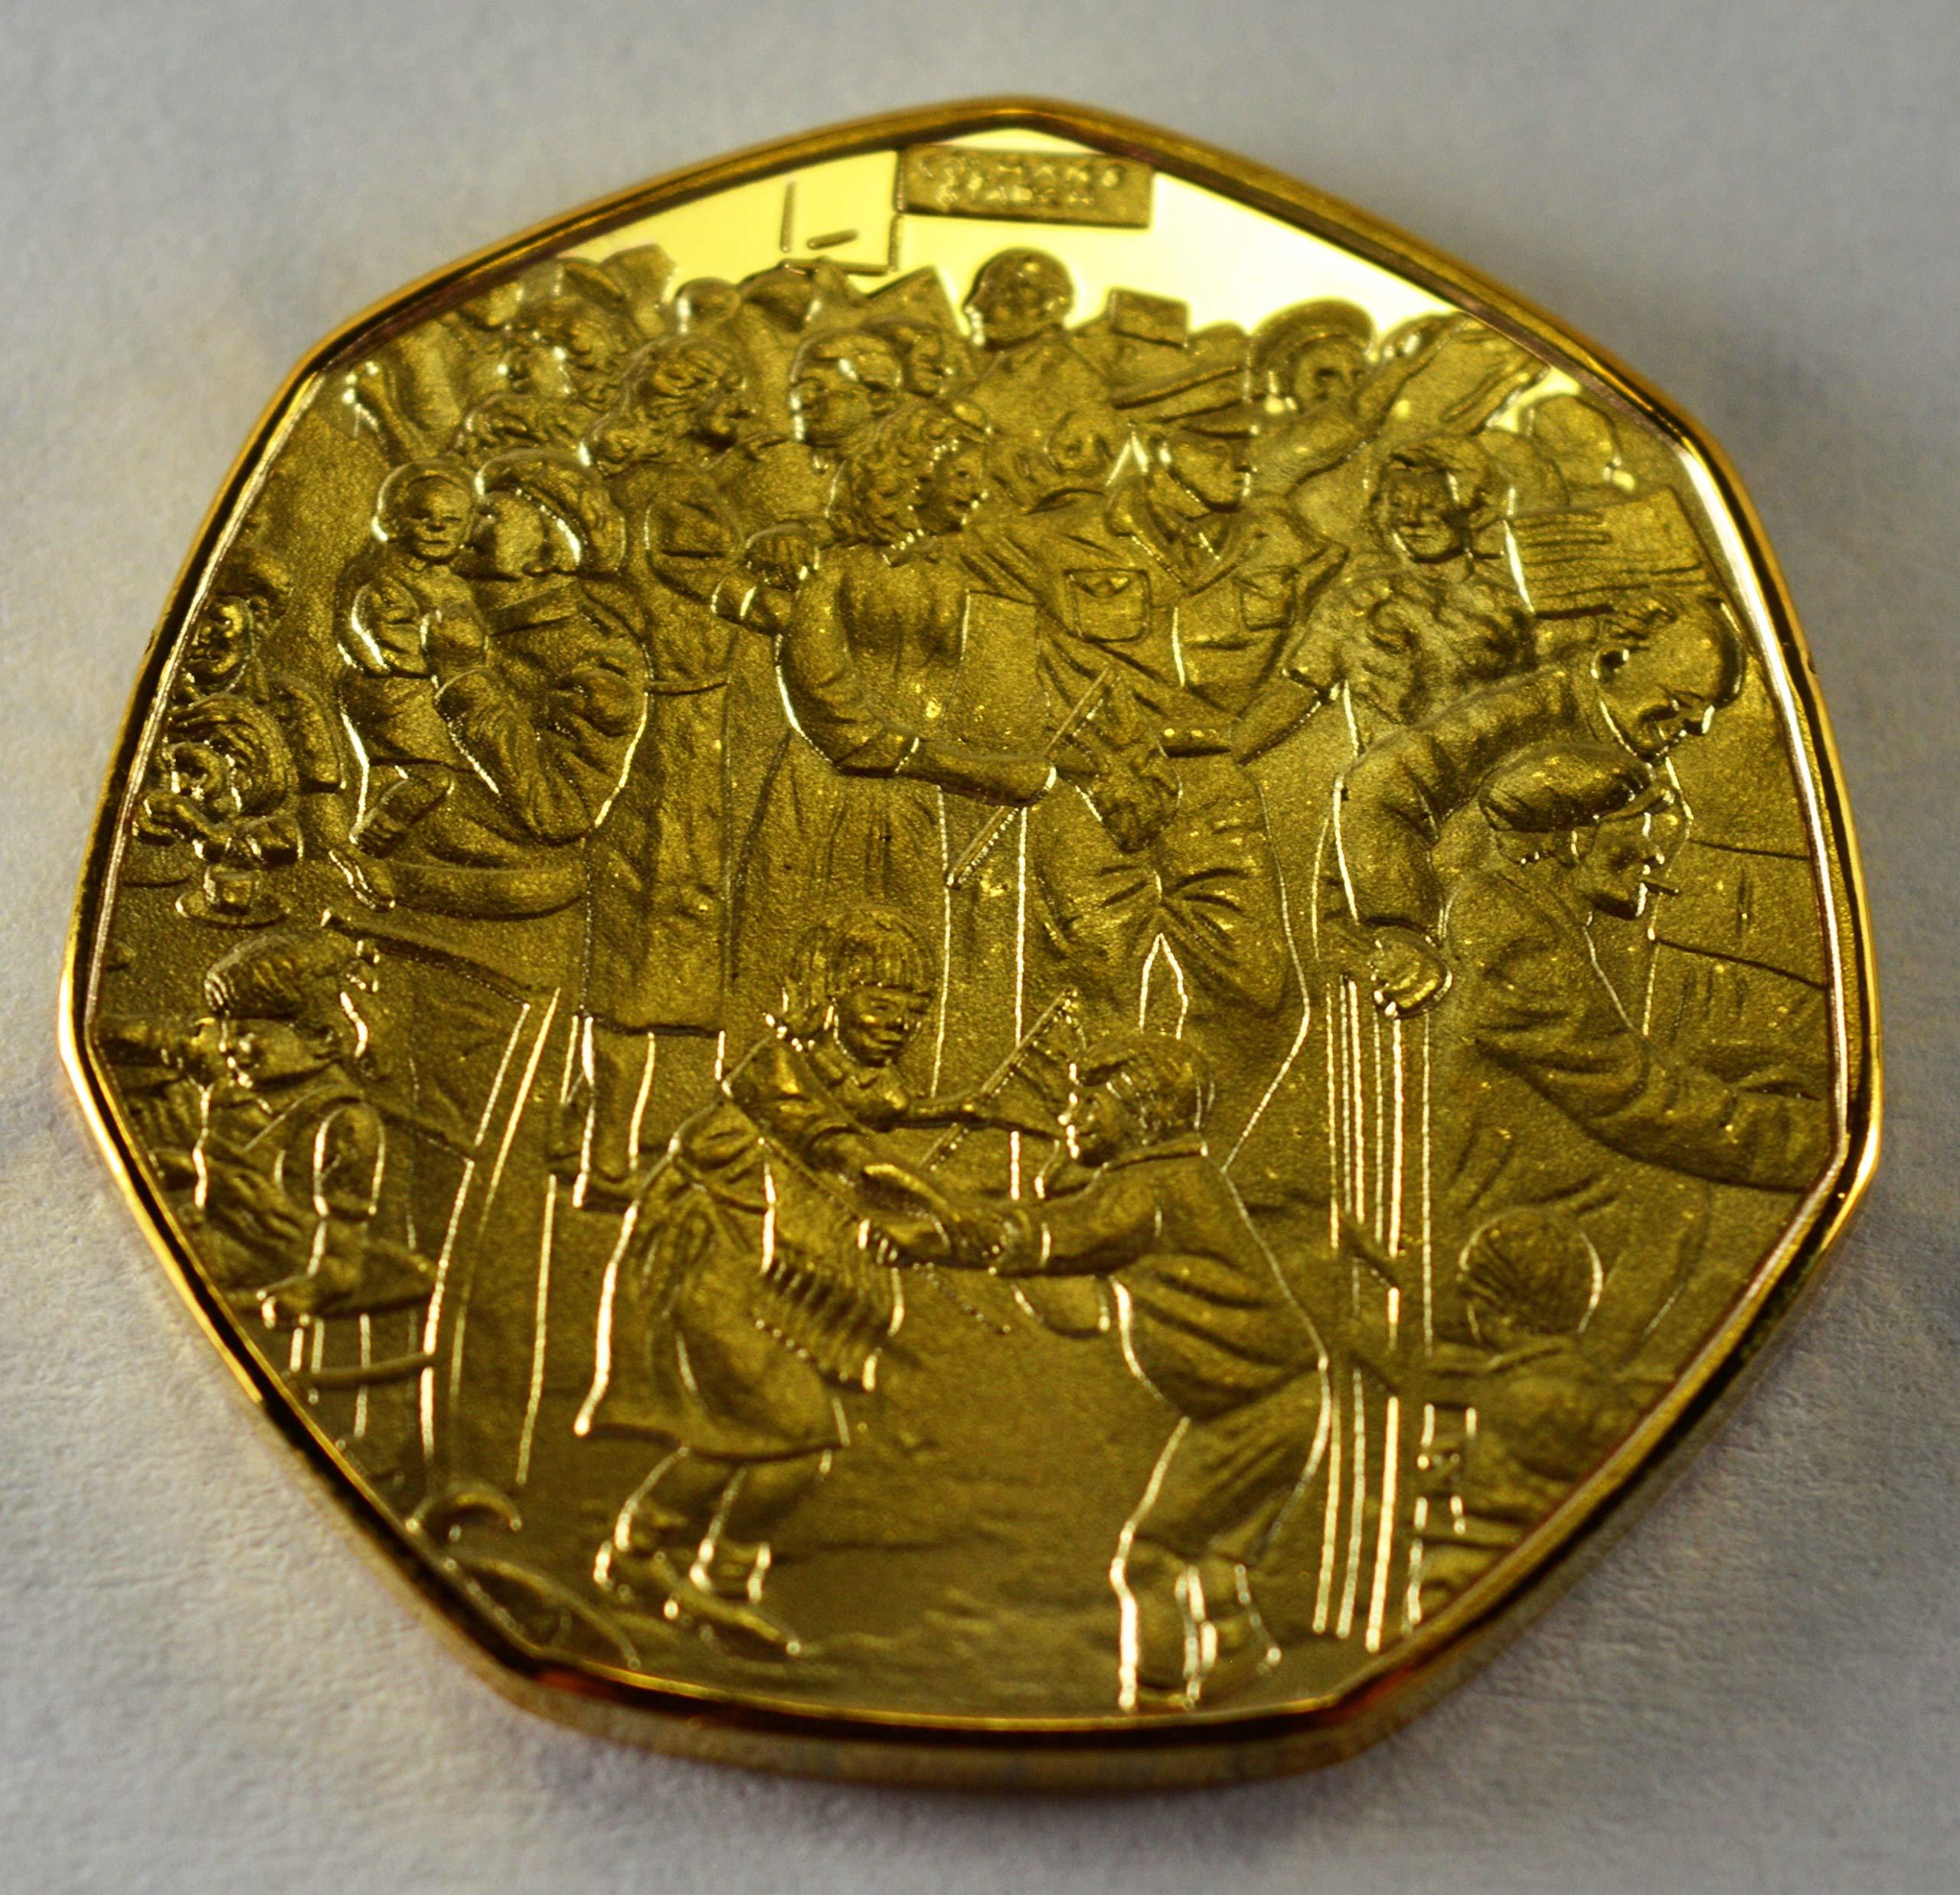 Victory in Europe VE Day 1945 Winston Churchill - Álbumes de Monedas conmemorativos de Oro de 24 Quilates, 50 Piezas coleccionistas: Amazon.es: Hogar